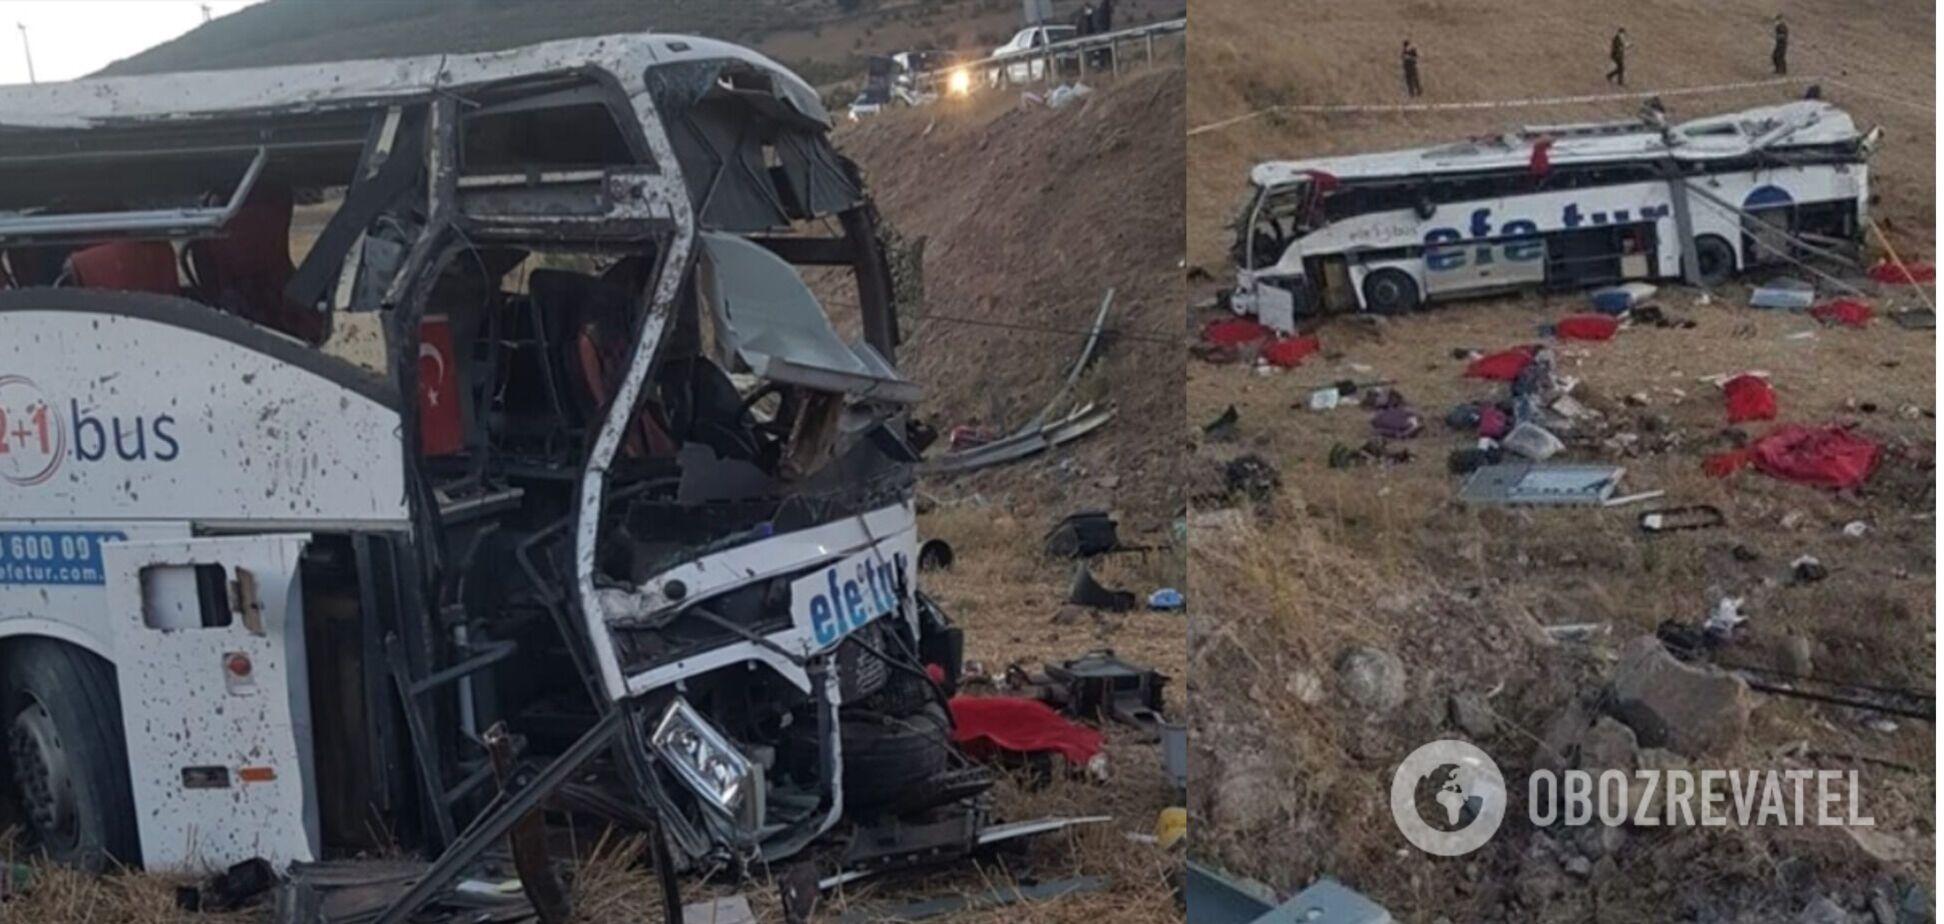 В Турции автобус слетел с дороги и перевернулся, погибли 15 человек, много пострадавших. Фото